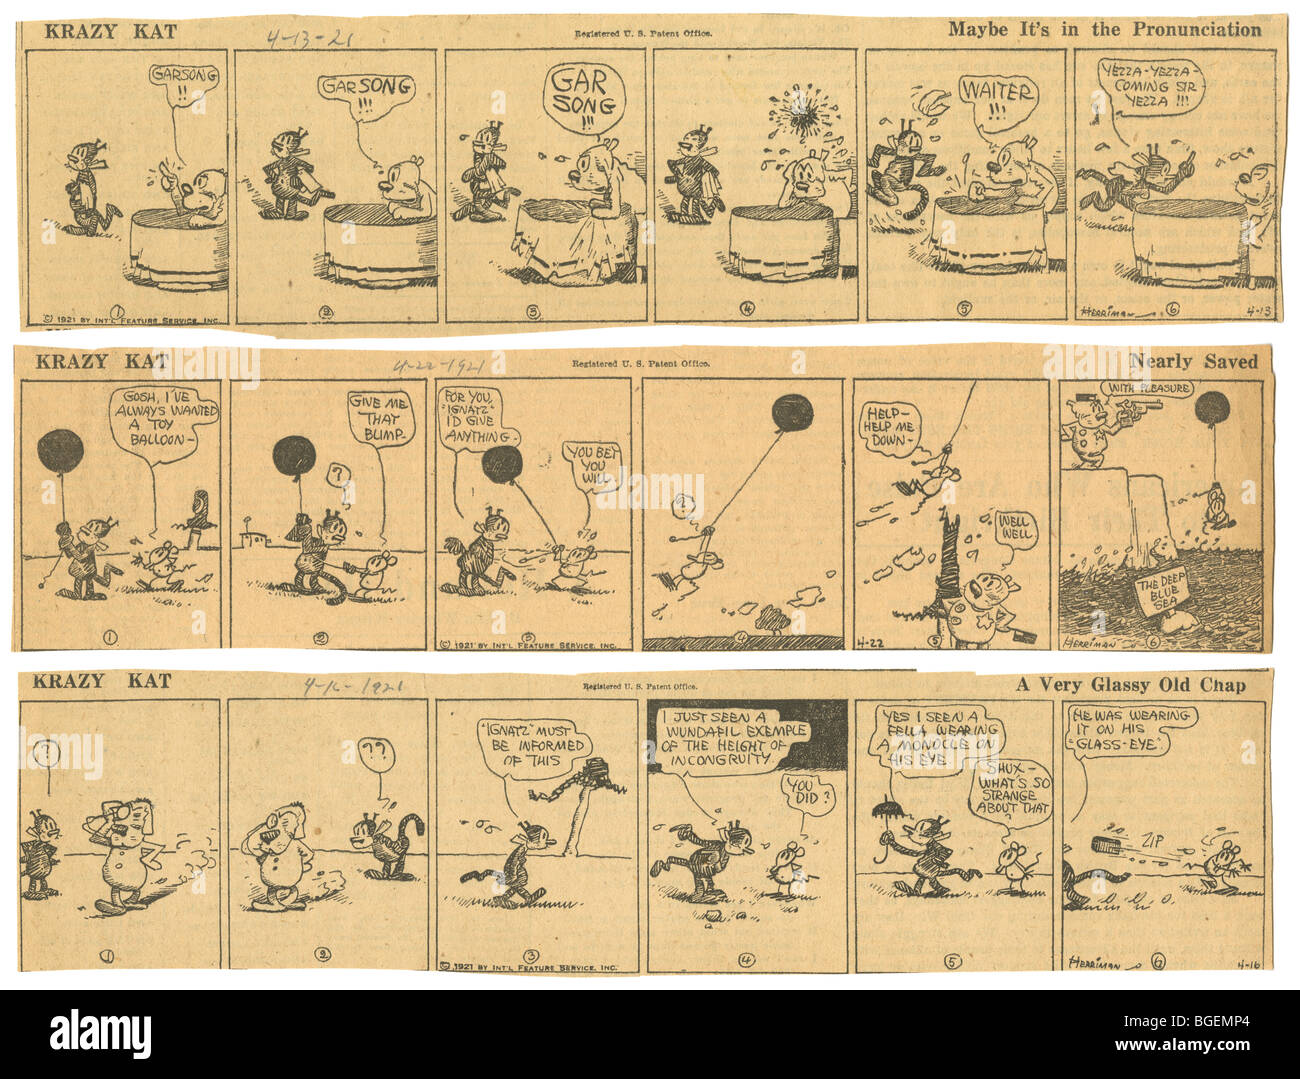 3 avril 1921 original tous les jours la bande dessinée Krazy Kat de George Herriman. Photo Stock